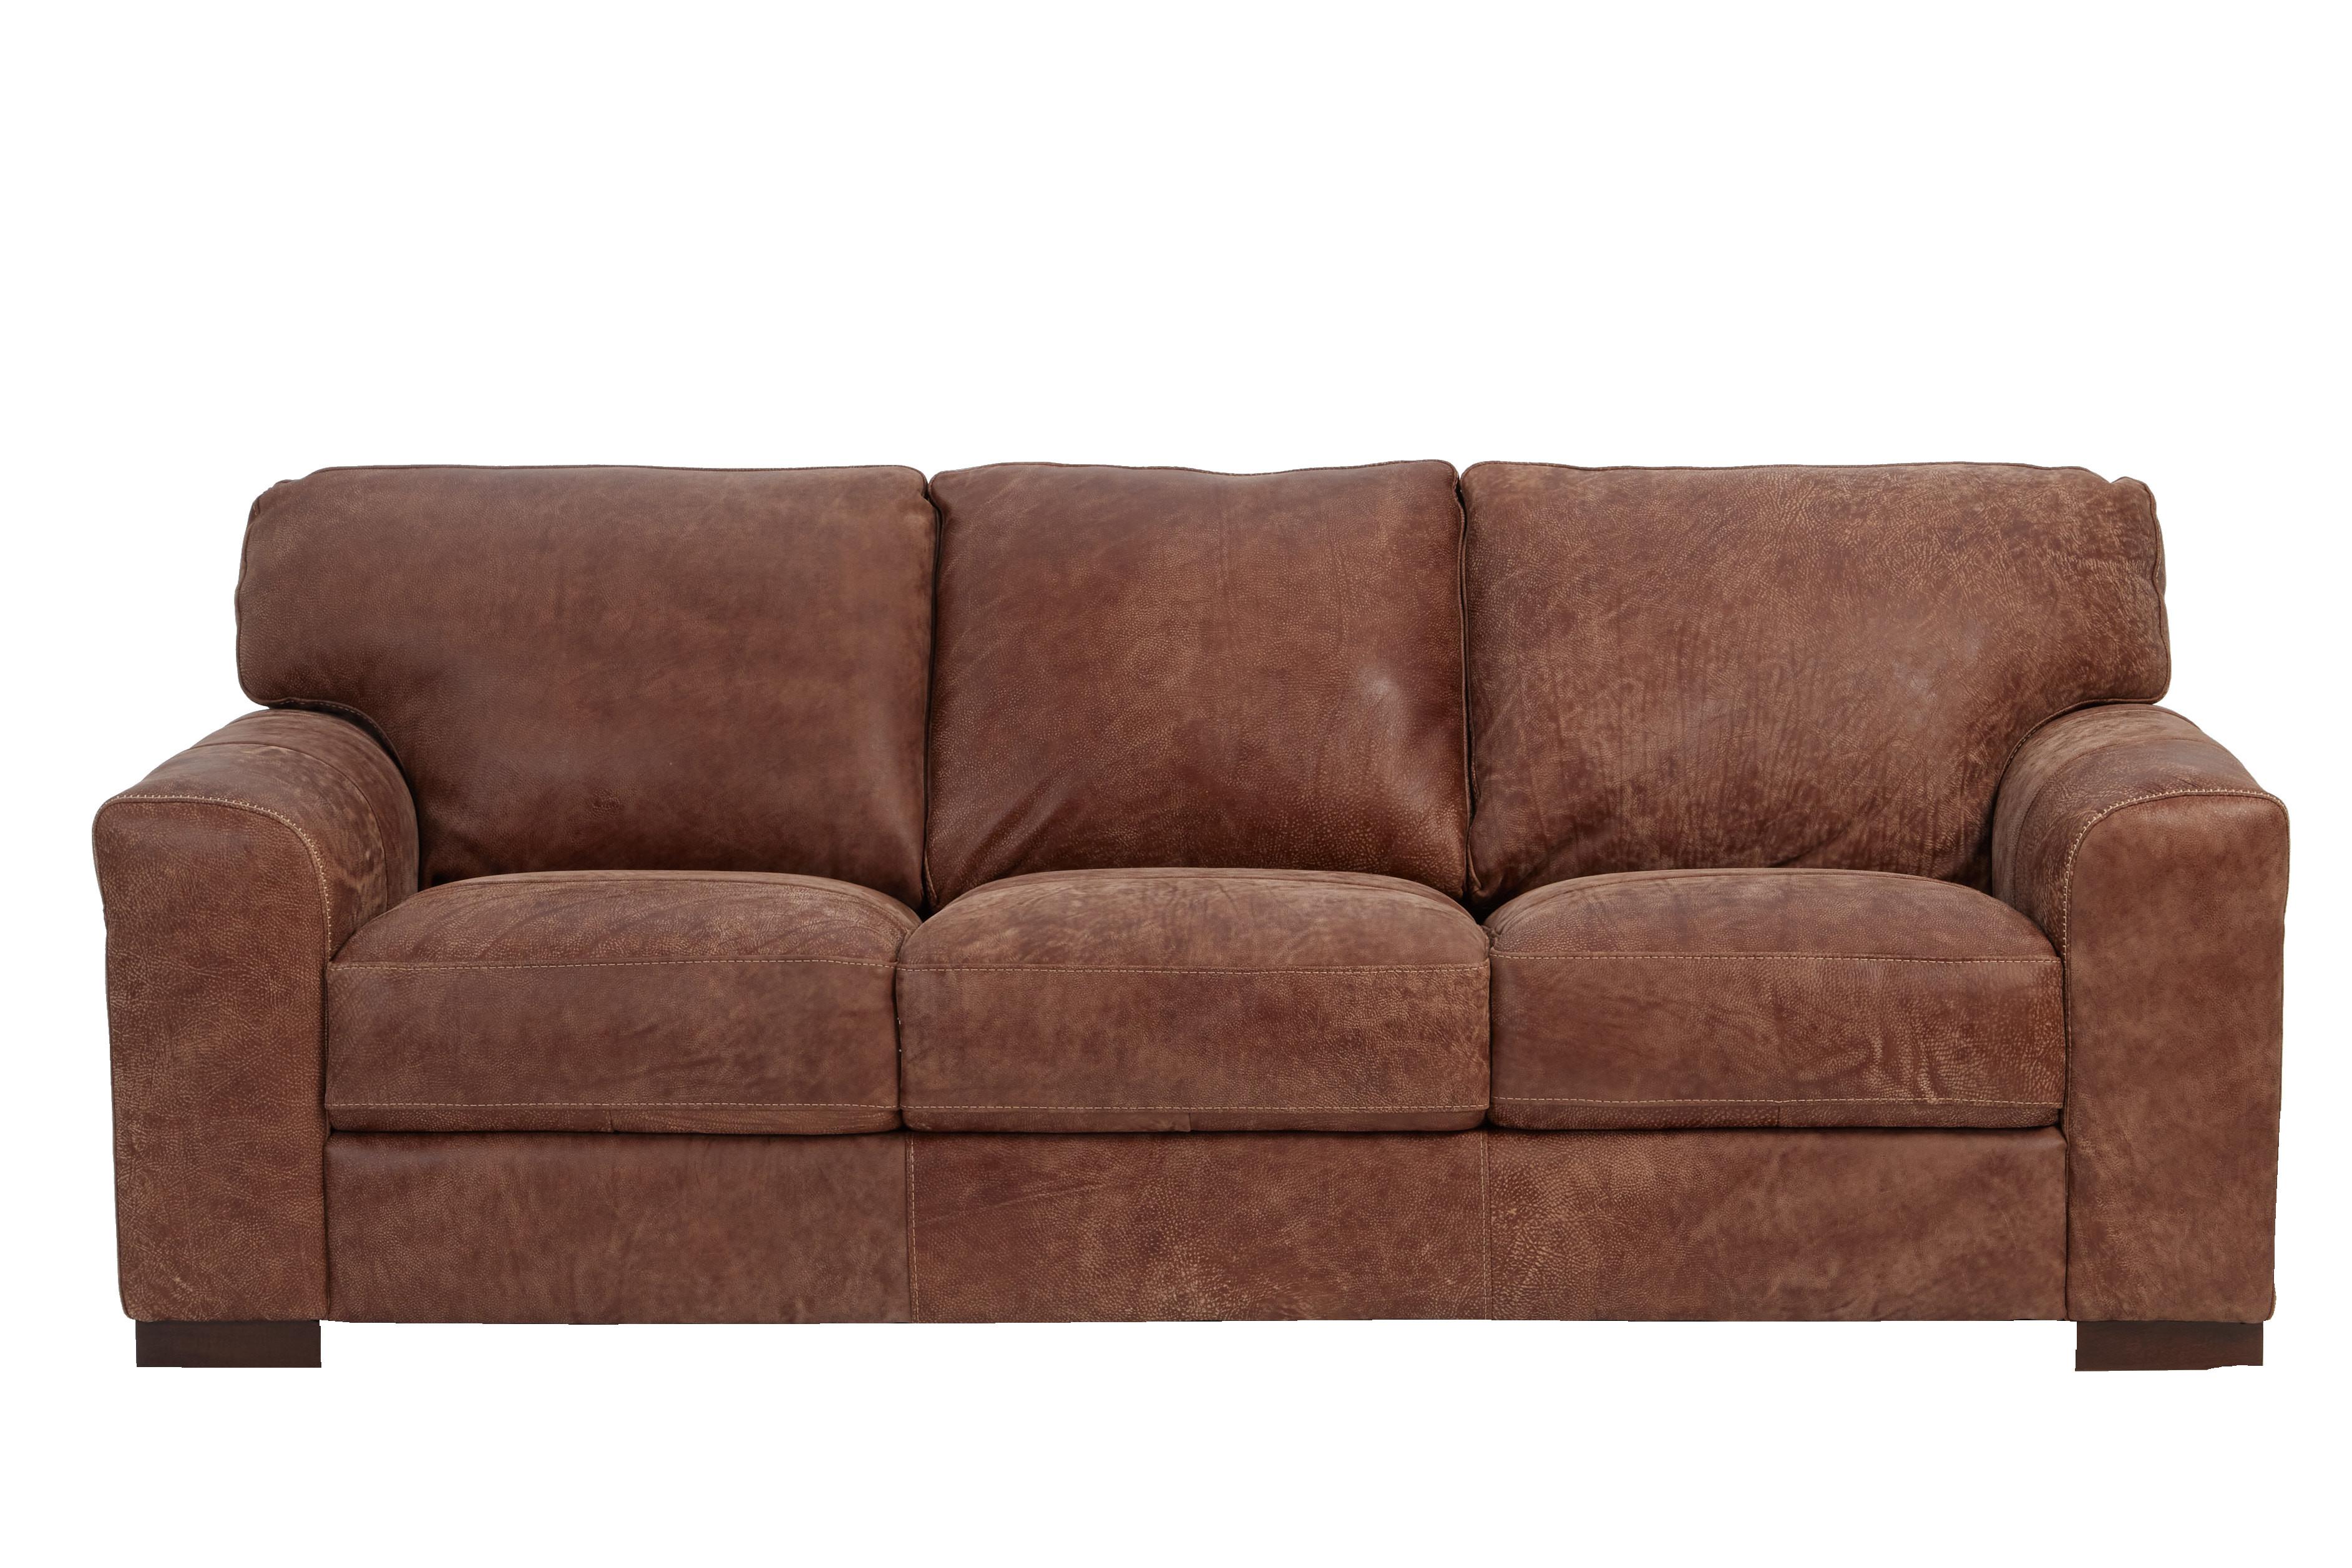 Sovana 3 Seater Sofa